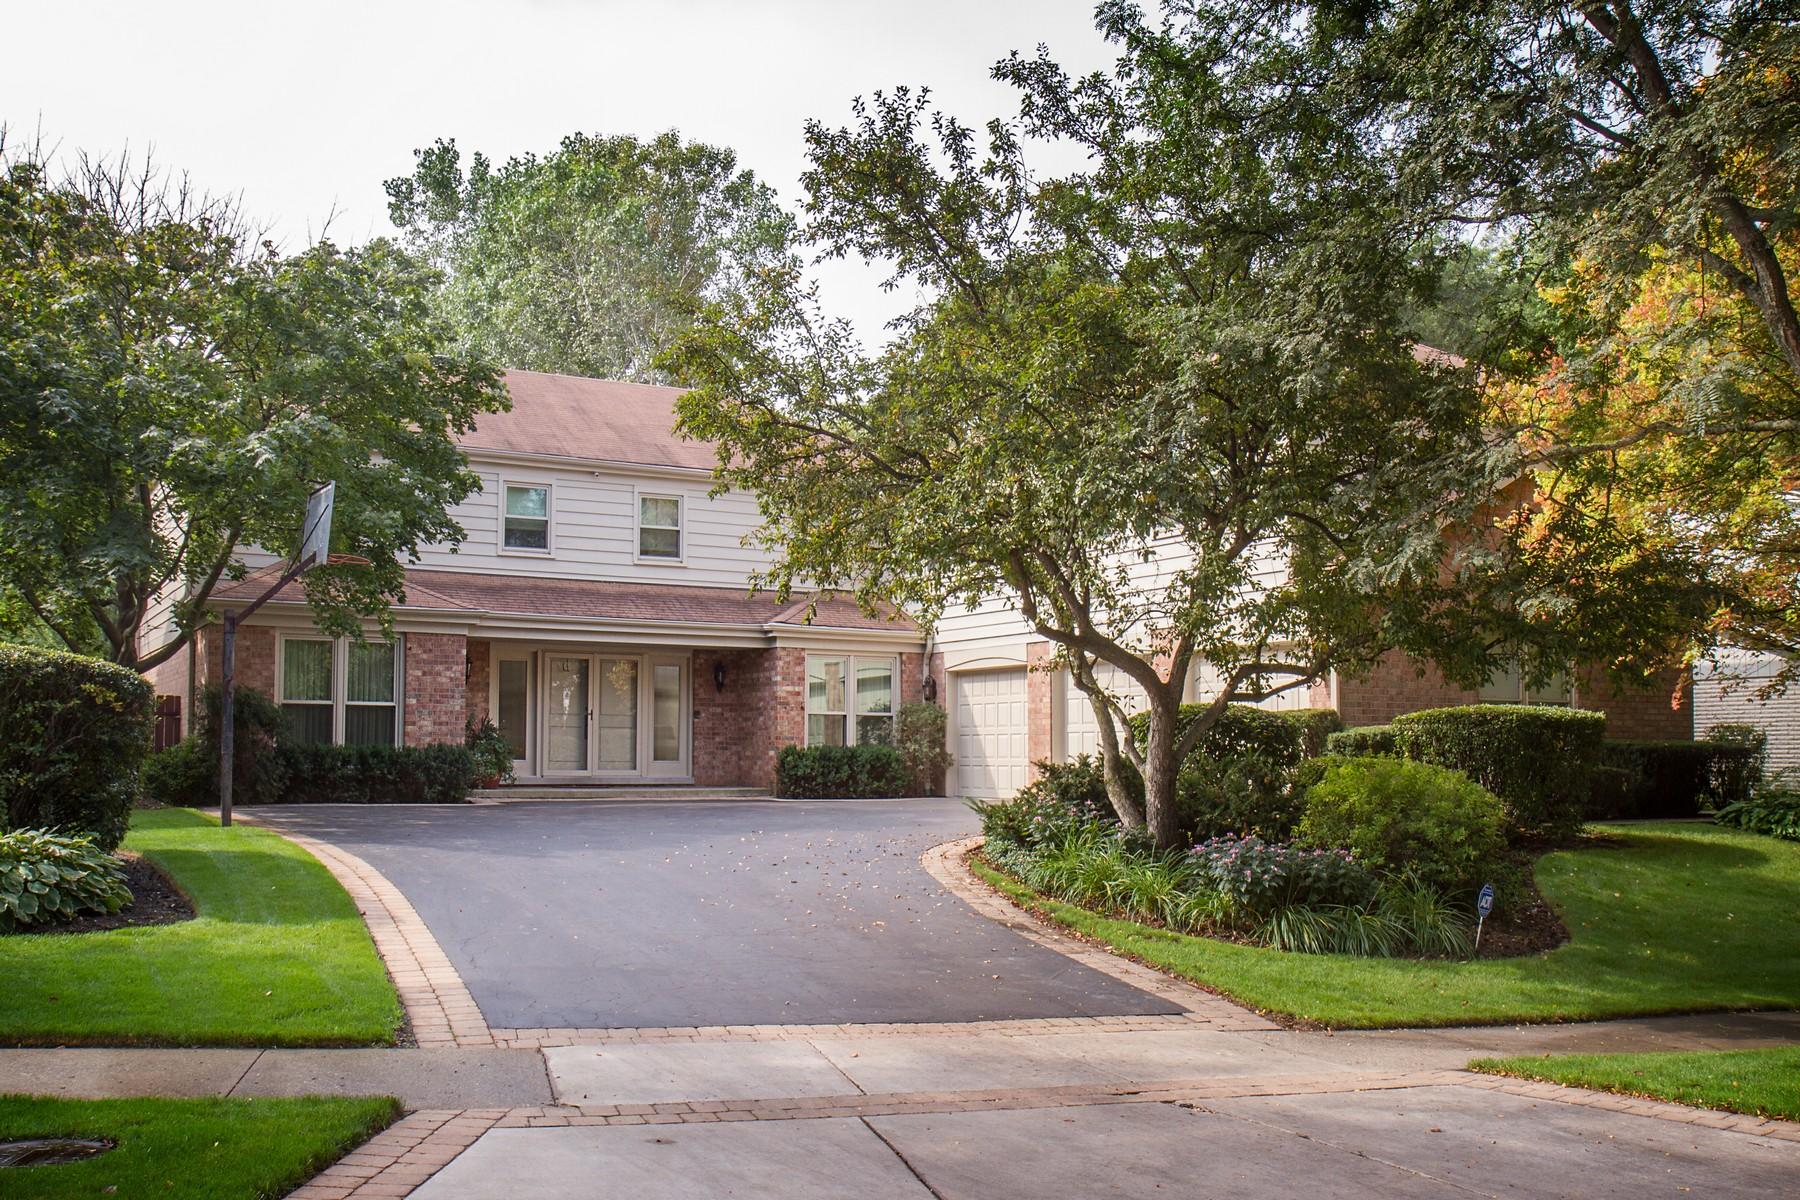 단독 가정 주택 용 매매 에 Fabulous Home with All Amenities 818 Woodleigh Avenue Highland Park, 일리노이즈, 60035 미국